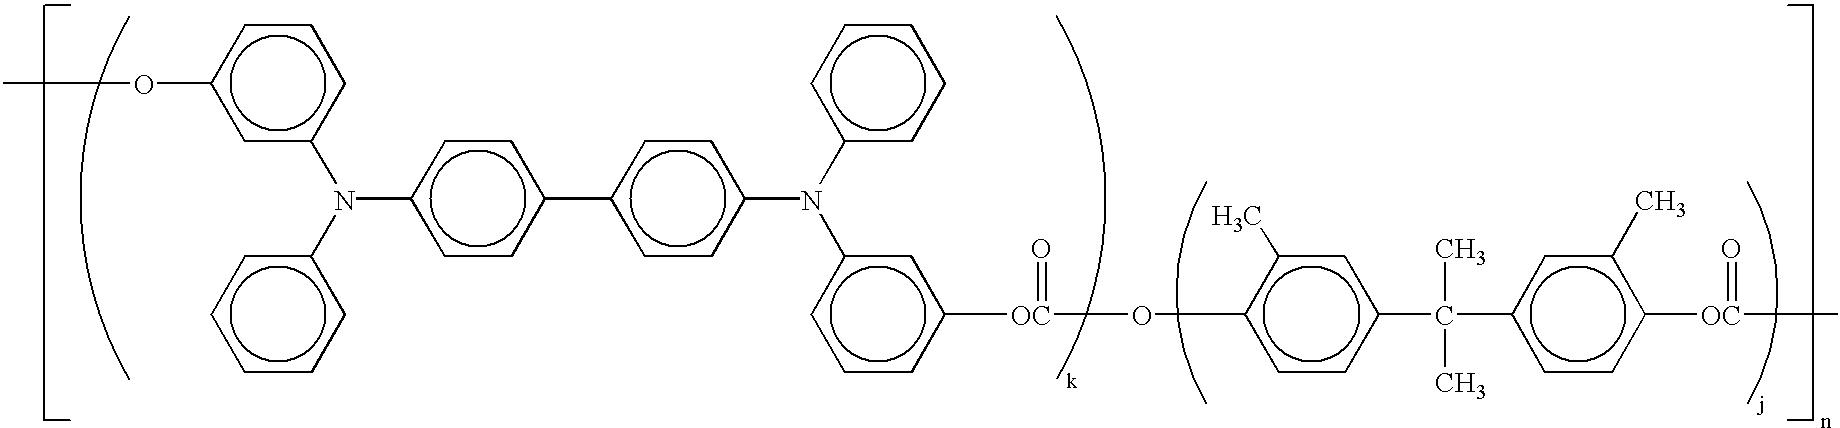 Figure US06939651-20050906-C00043